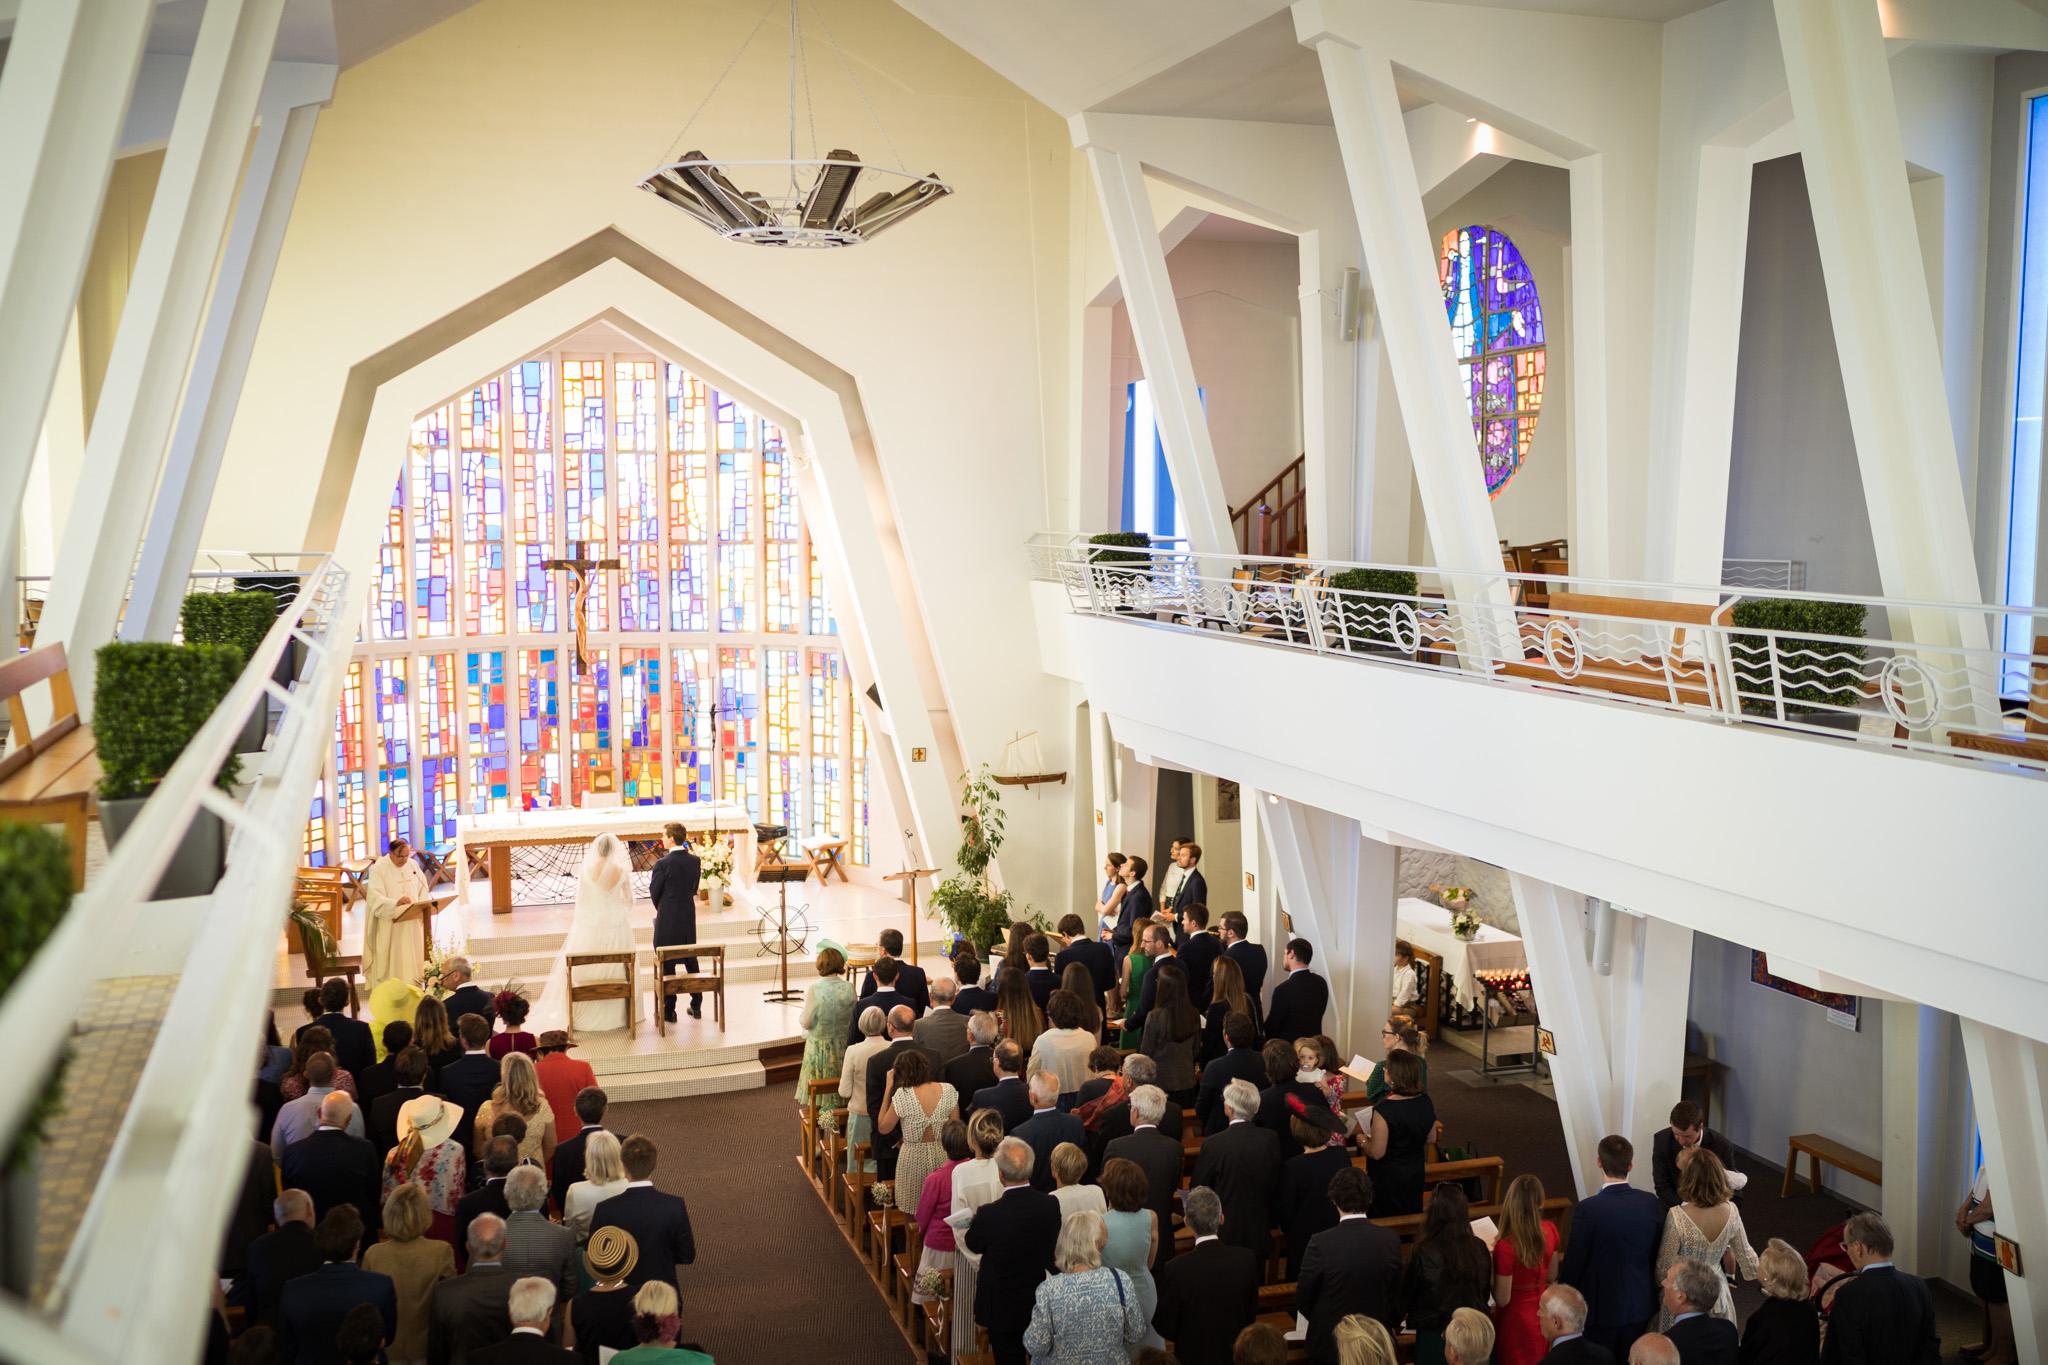 Aperçu du mariage à la maison de Capucine et Jean au Cap Ferret. Cérémonie religieuse à Notre Dame des Flots, Pinasse sur le Bassin d'Arcachon...